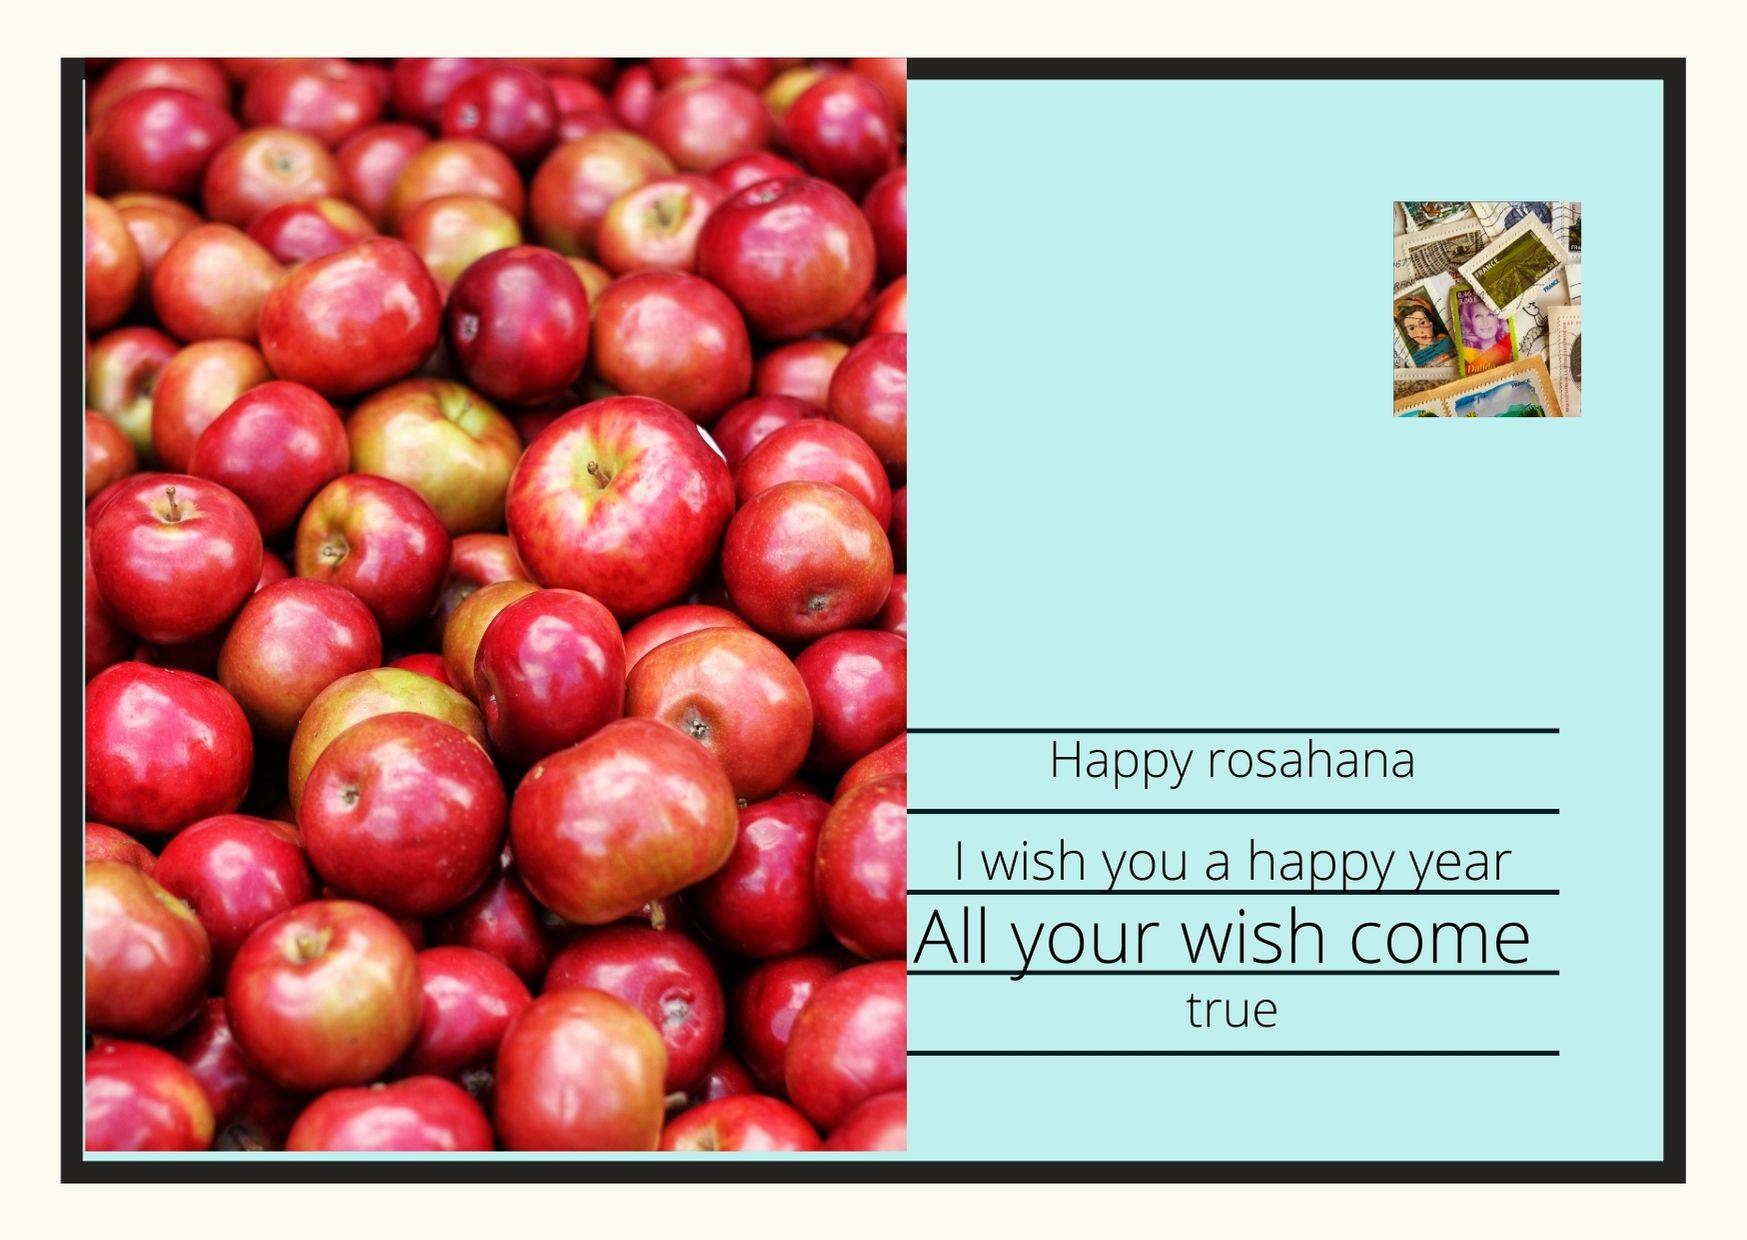 happy rosahanah